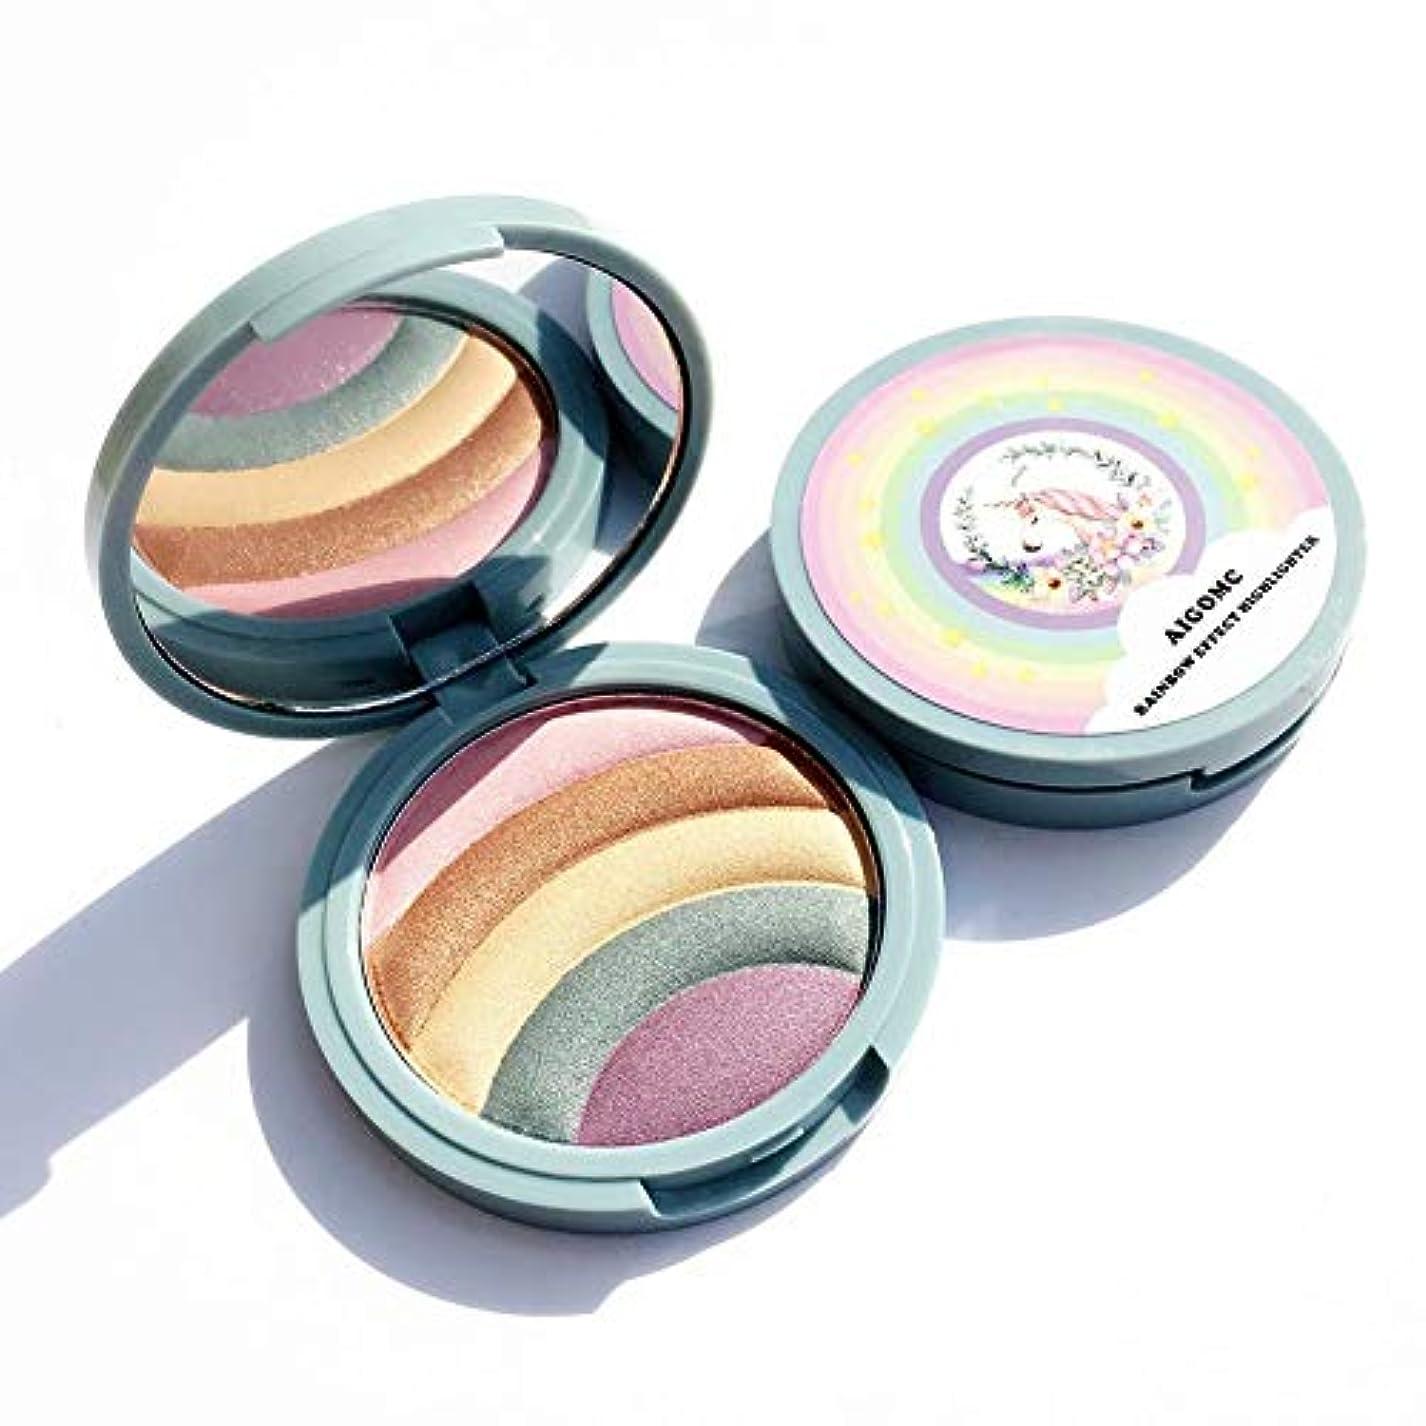 タンク思いやりひばりBrill(ブリーオ)最高のプロアイシャドウマットパレットメイクアイシャドウプロフェッショナル完璧なファイル暖かいナチュラルニュートラルスモーキーパレットアイメイクアップシルキーパウダー化粧品5色